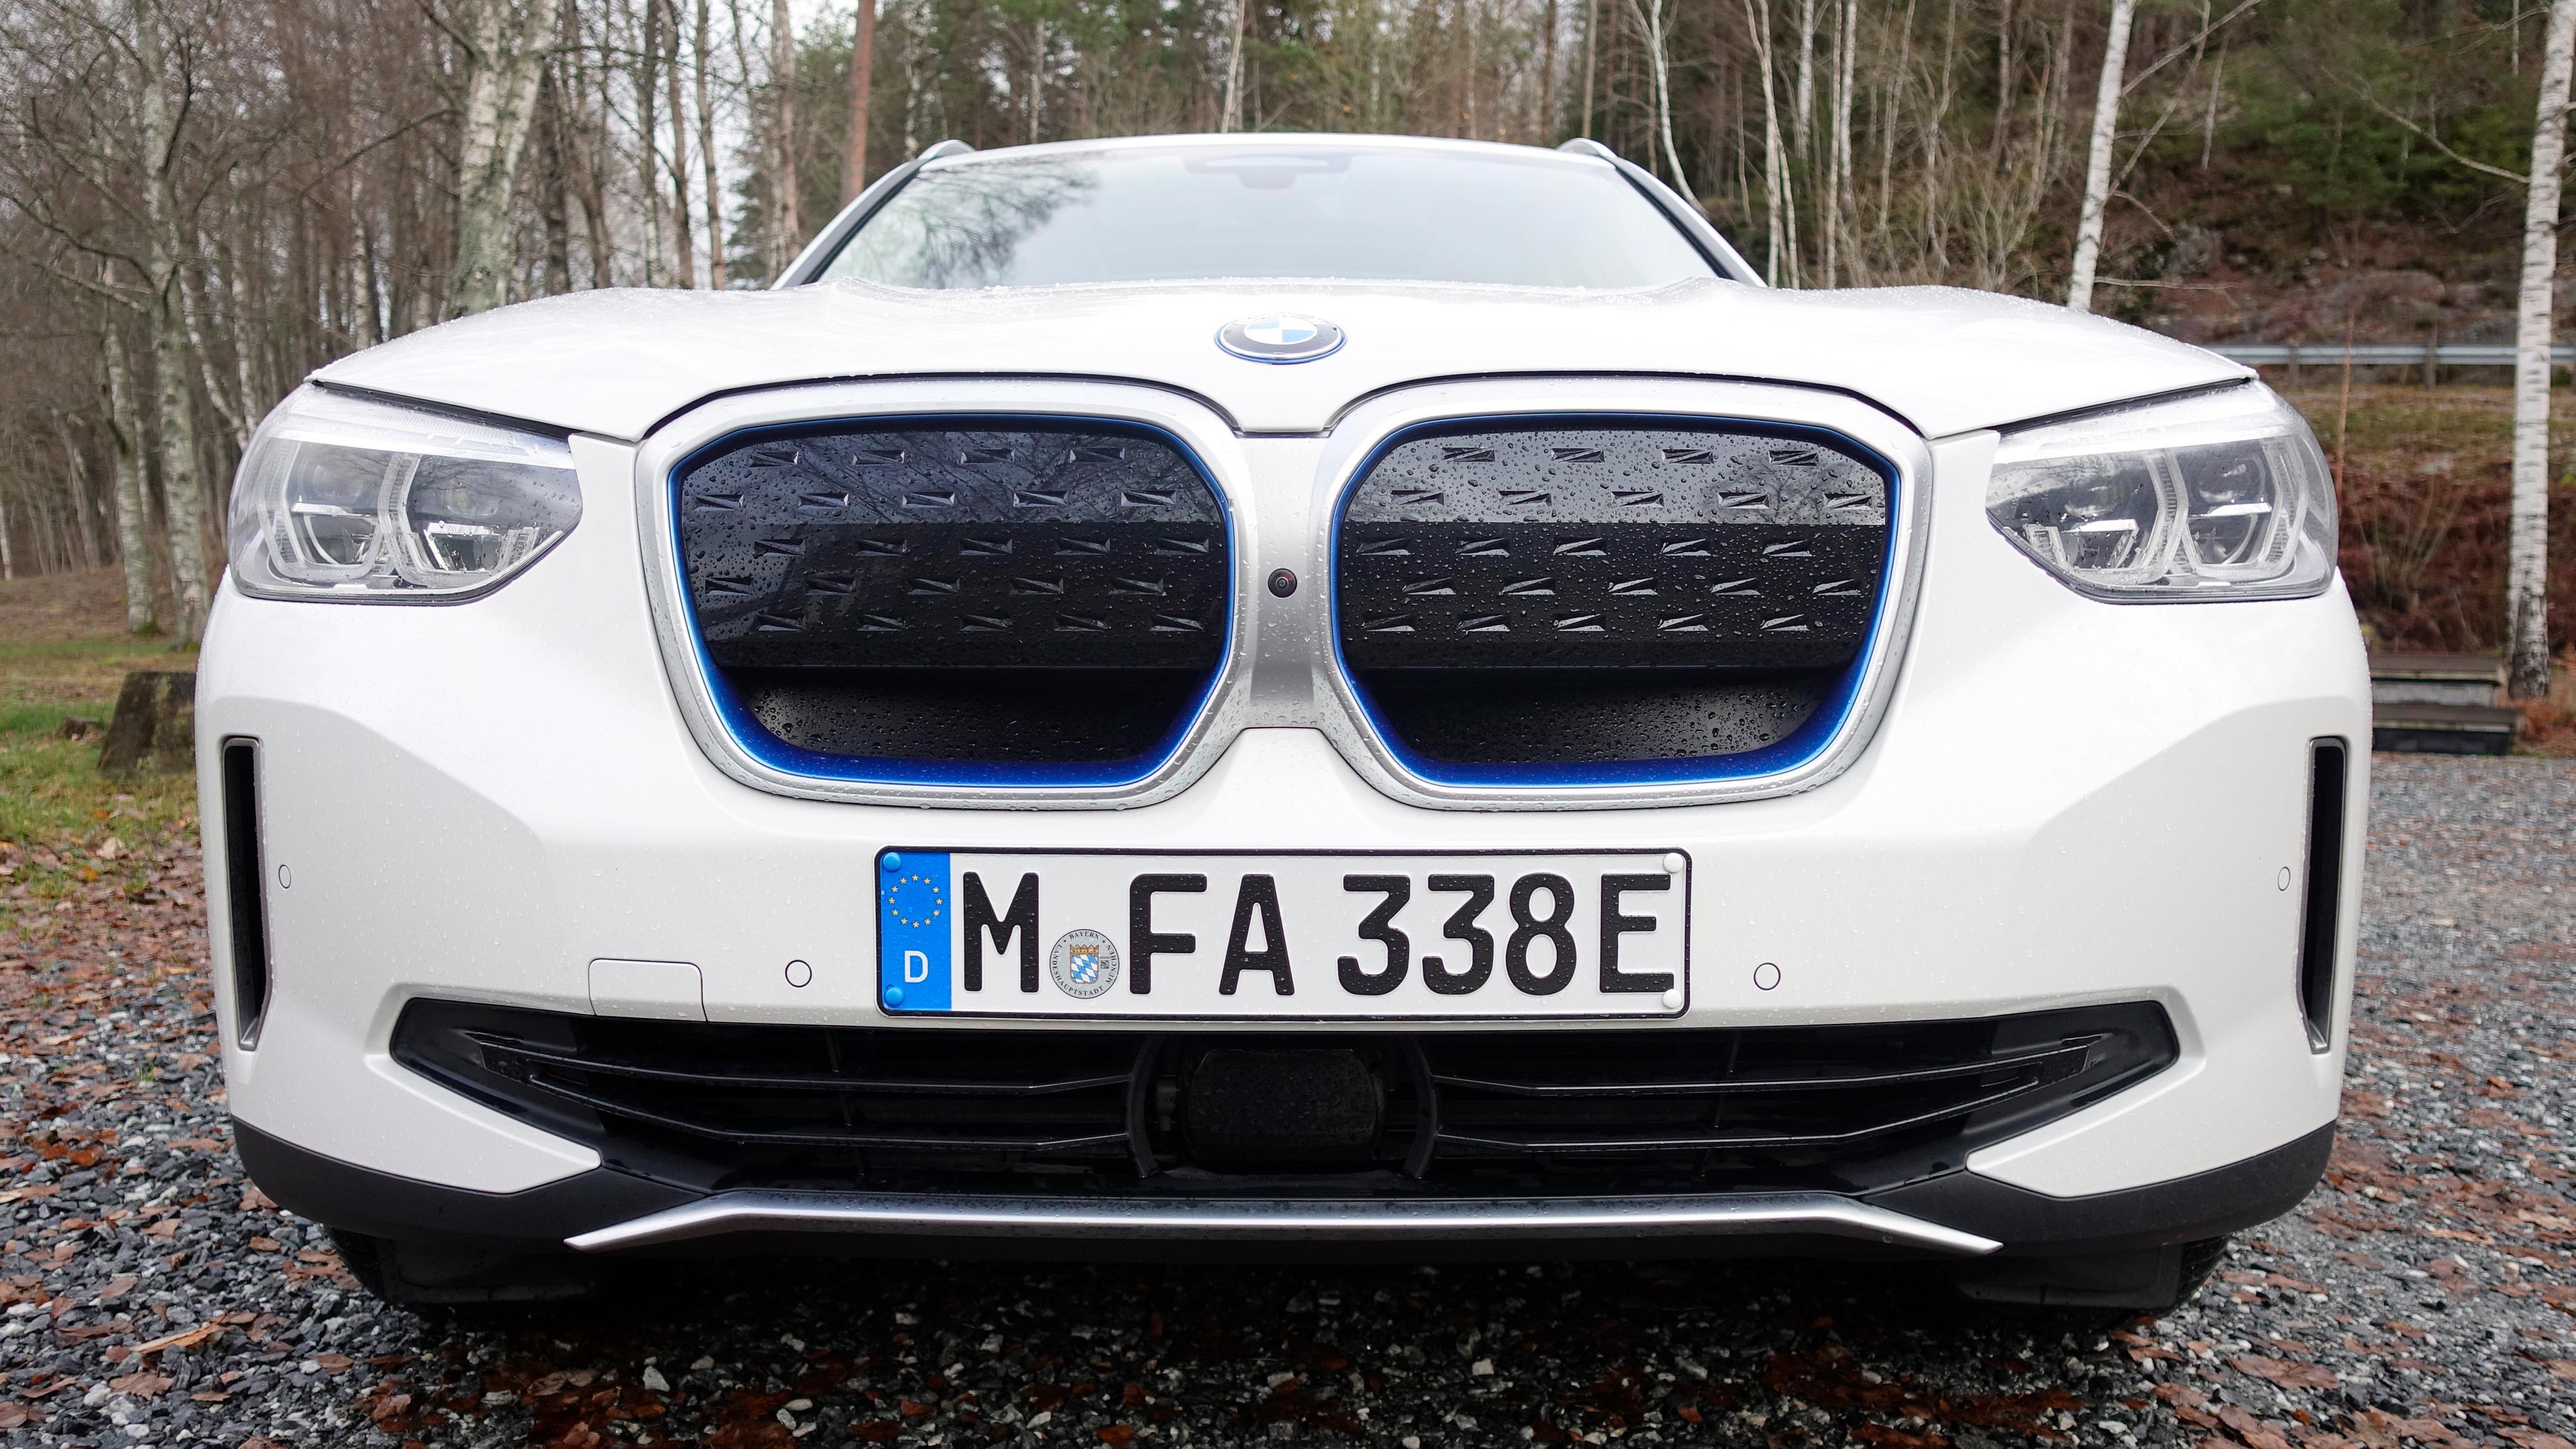 Lite skiller iX3 fra den vanlige X3-modellen. Som vanlig for BMWs i-modeller er imidlertid den blå aksentfargen ganske prominent.